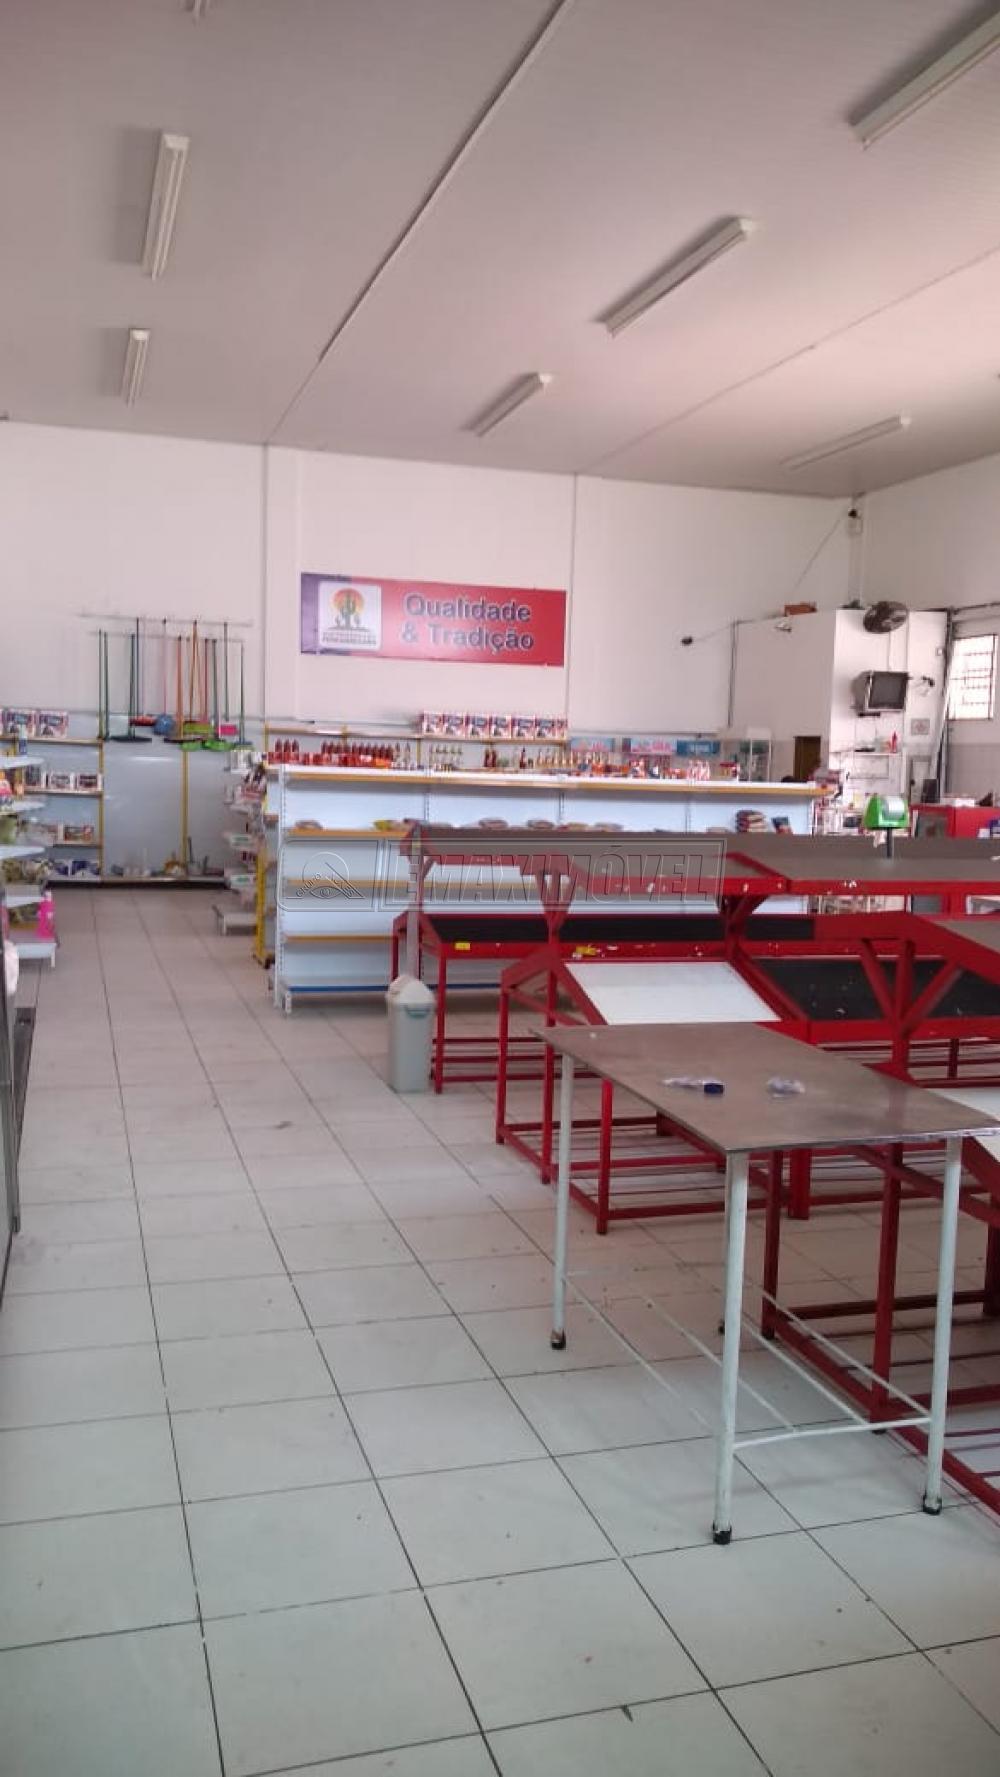 Alugar Comercial / Salões em Sorocaba apenas R$ 3.500,00 - Foto 5